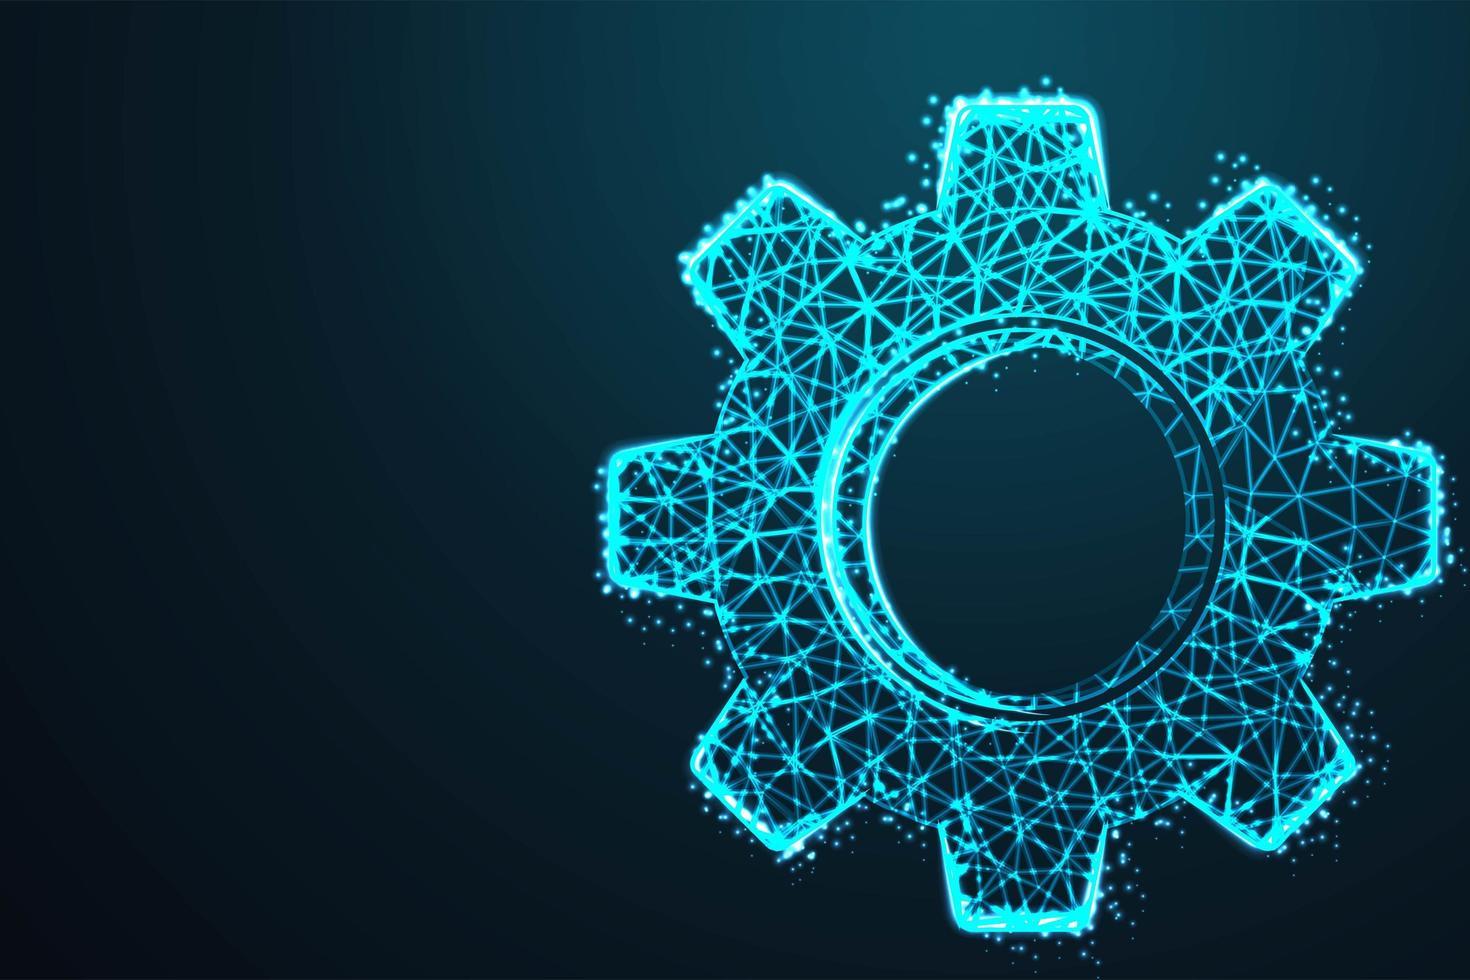 uitrusting in abstract gloeiend blauw ontwerp vector